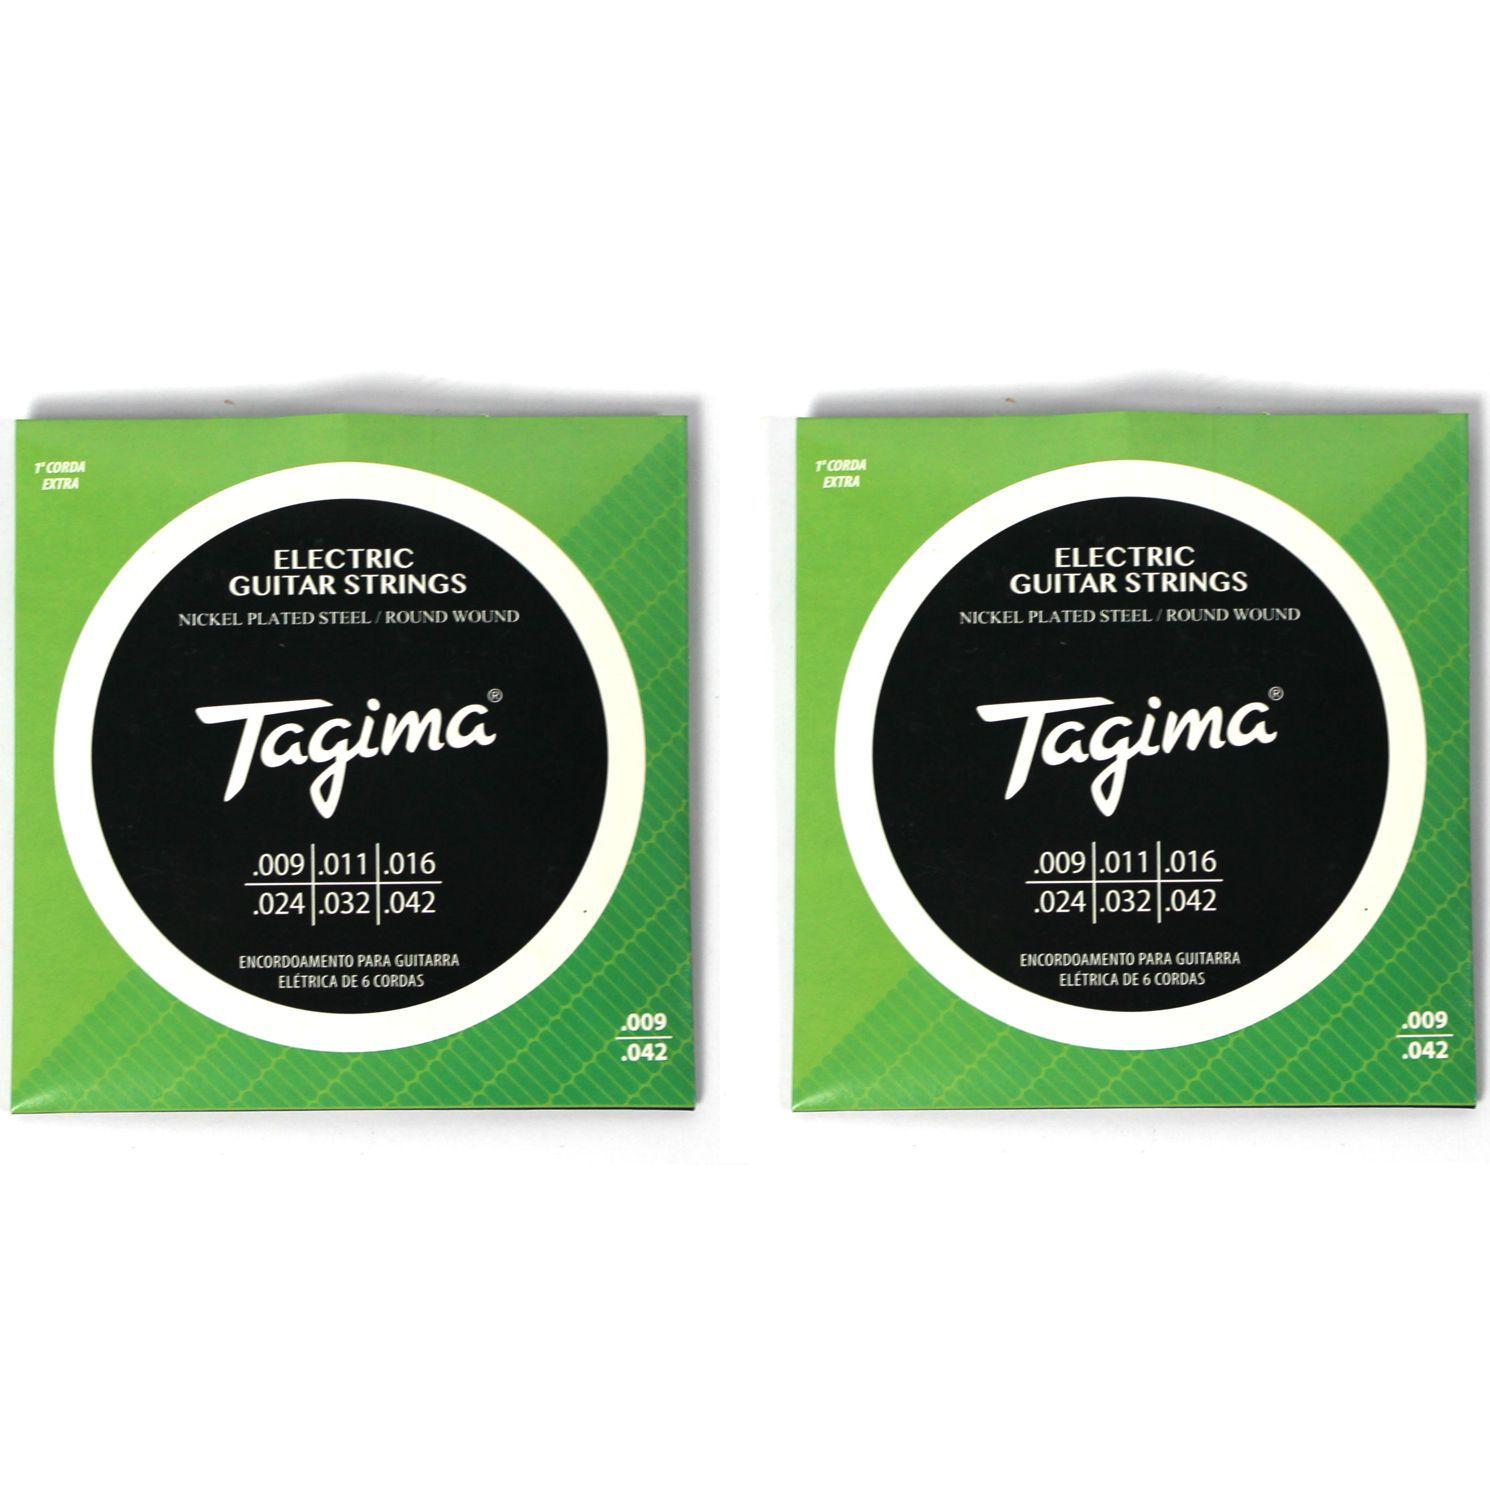 Encordoamento para Guitarra 009 Tagima - TGT-009 - 02 Unidades